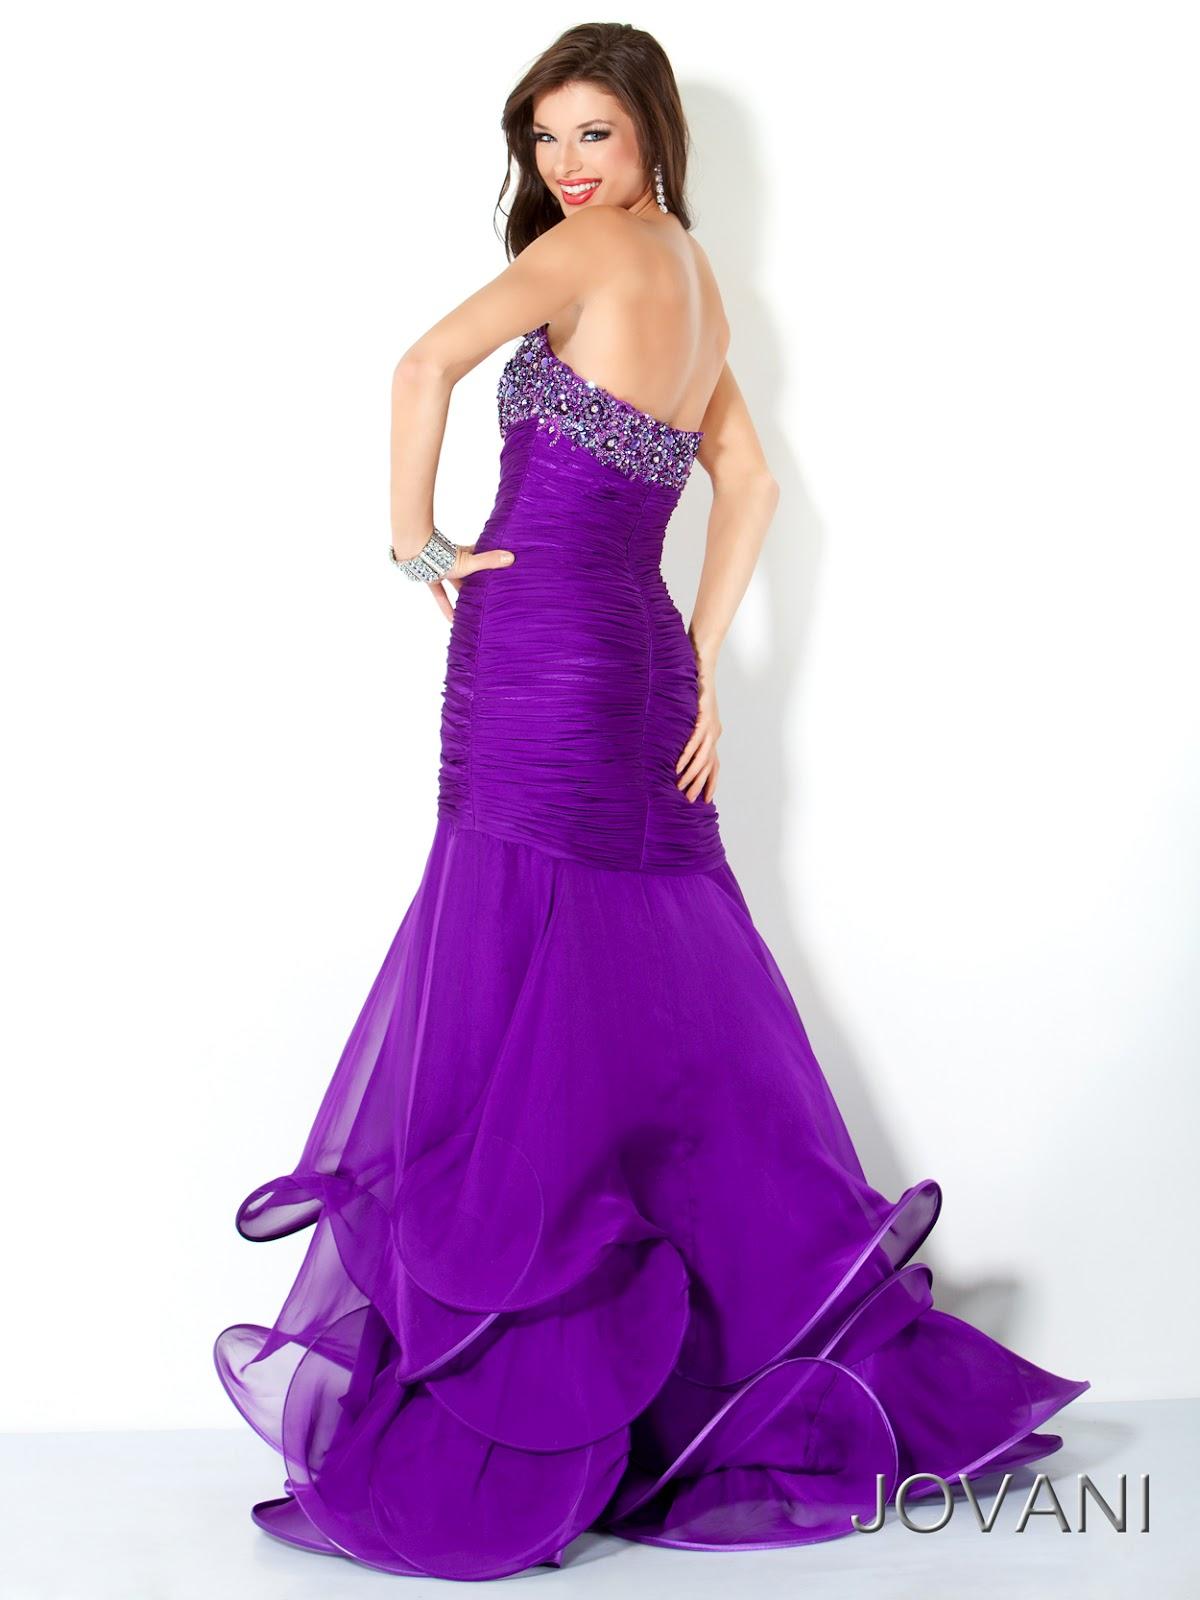 Barzené Boutique: Vestidos de Gala Jovani